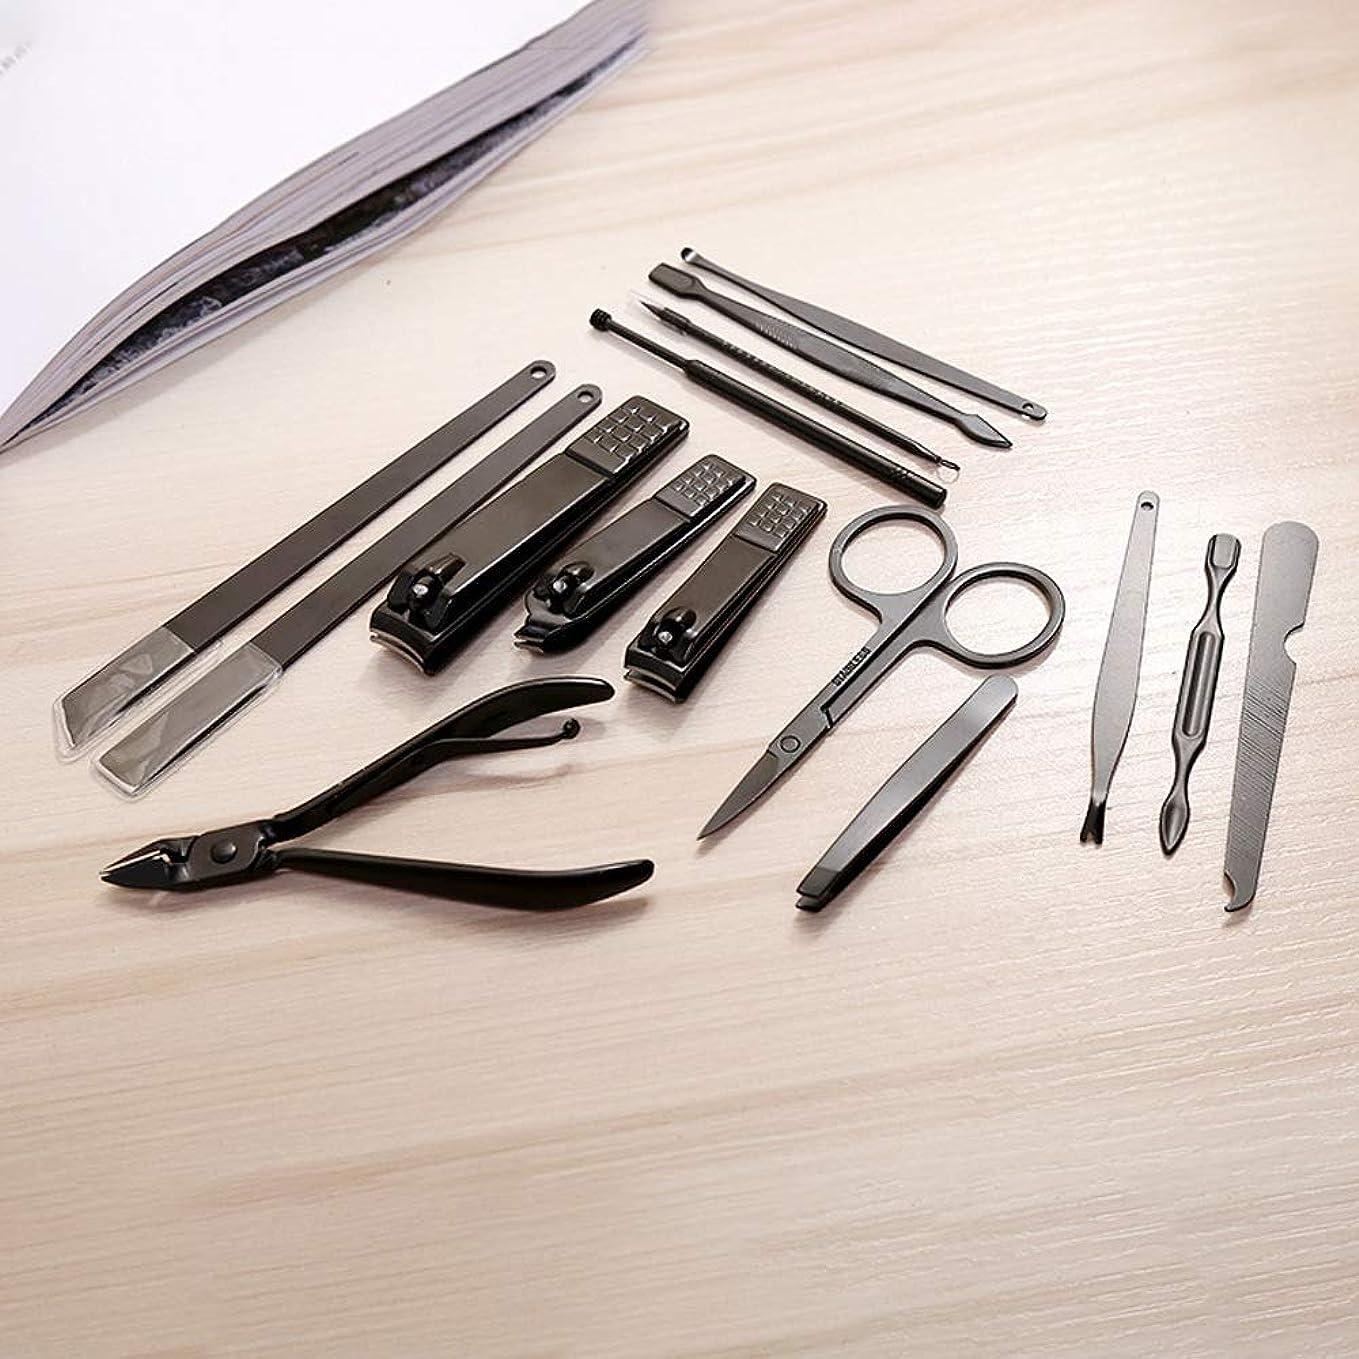 くすぐったいビバブロー便利な爪切り ステンレススチールブラック15ハイグレードネイルはさみセットネイルツールネイルクリッパーネイルクリッパー ネイルドレッシングツール